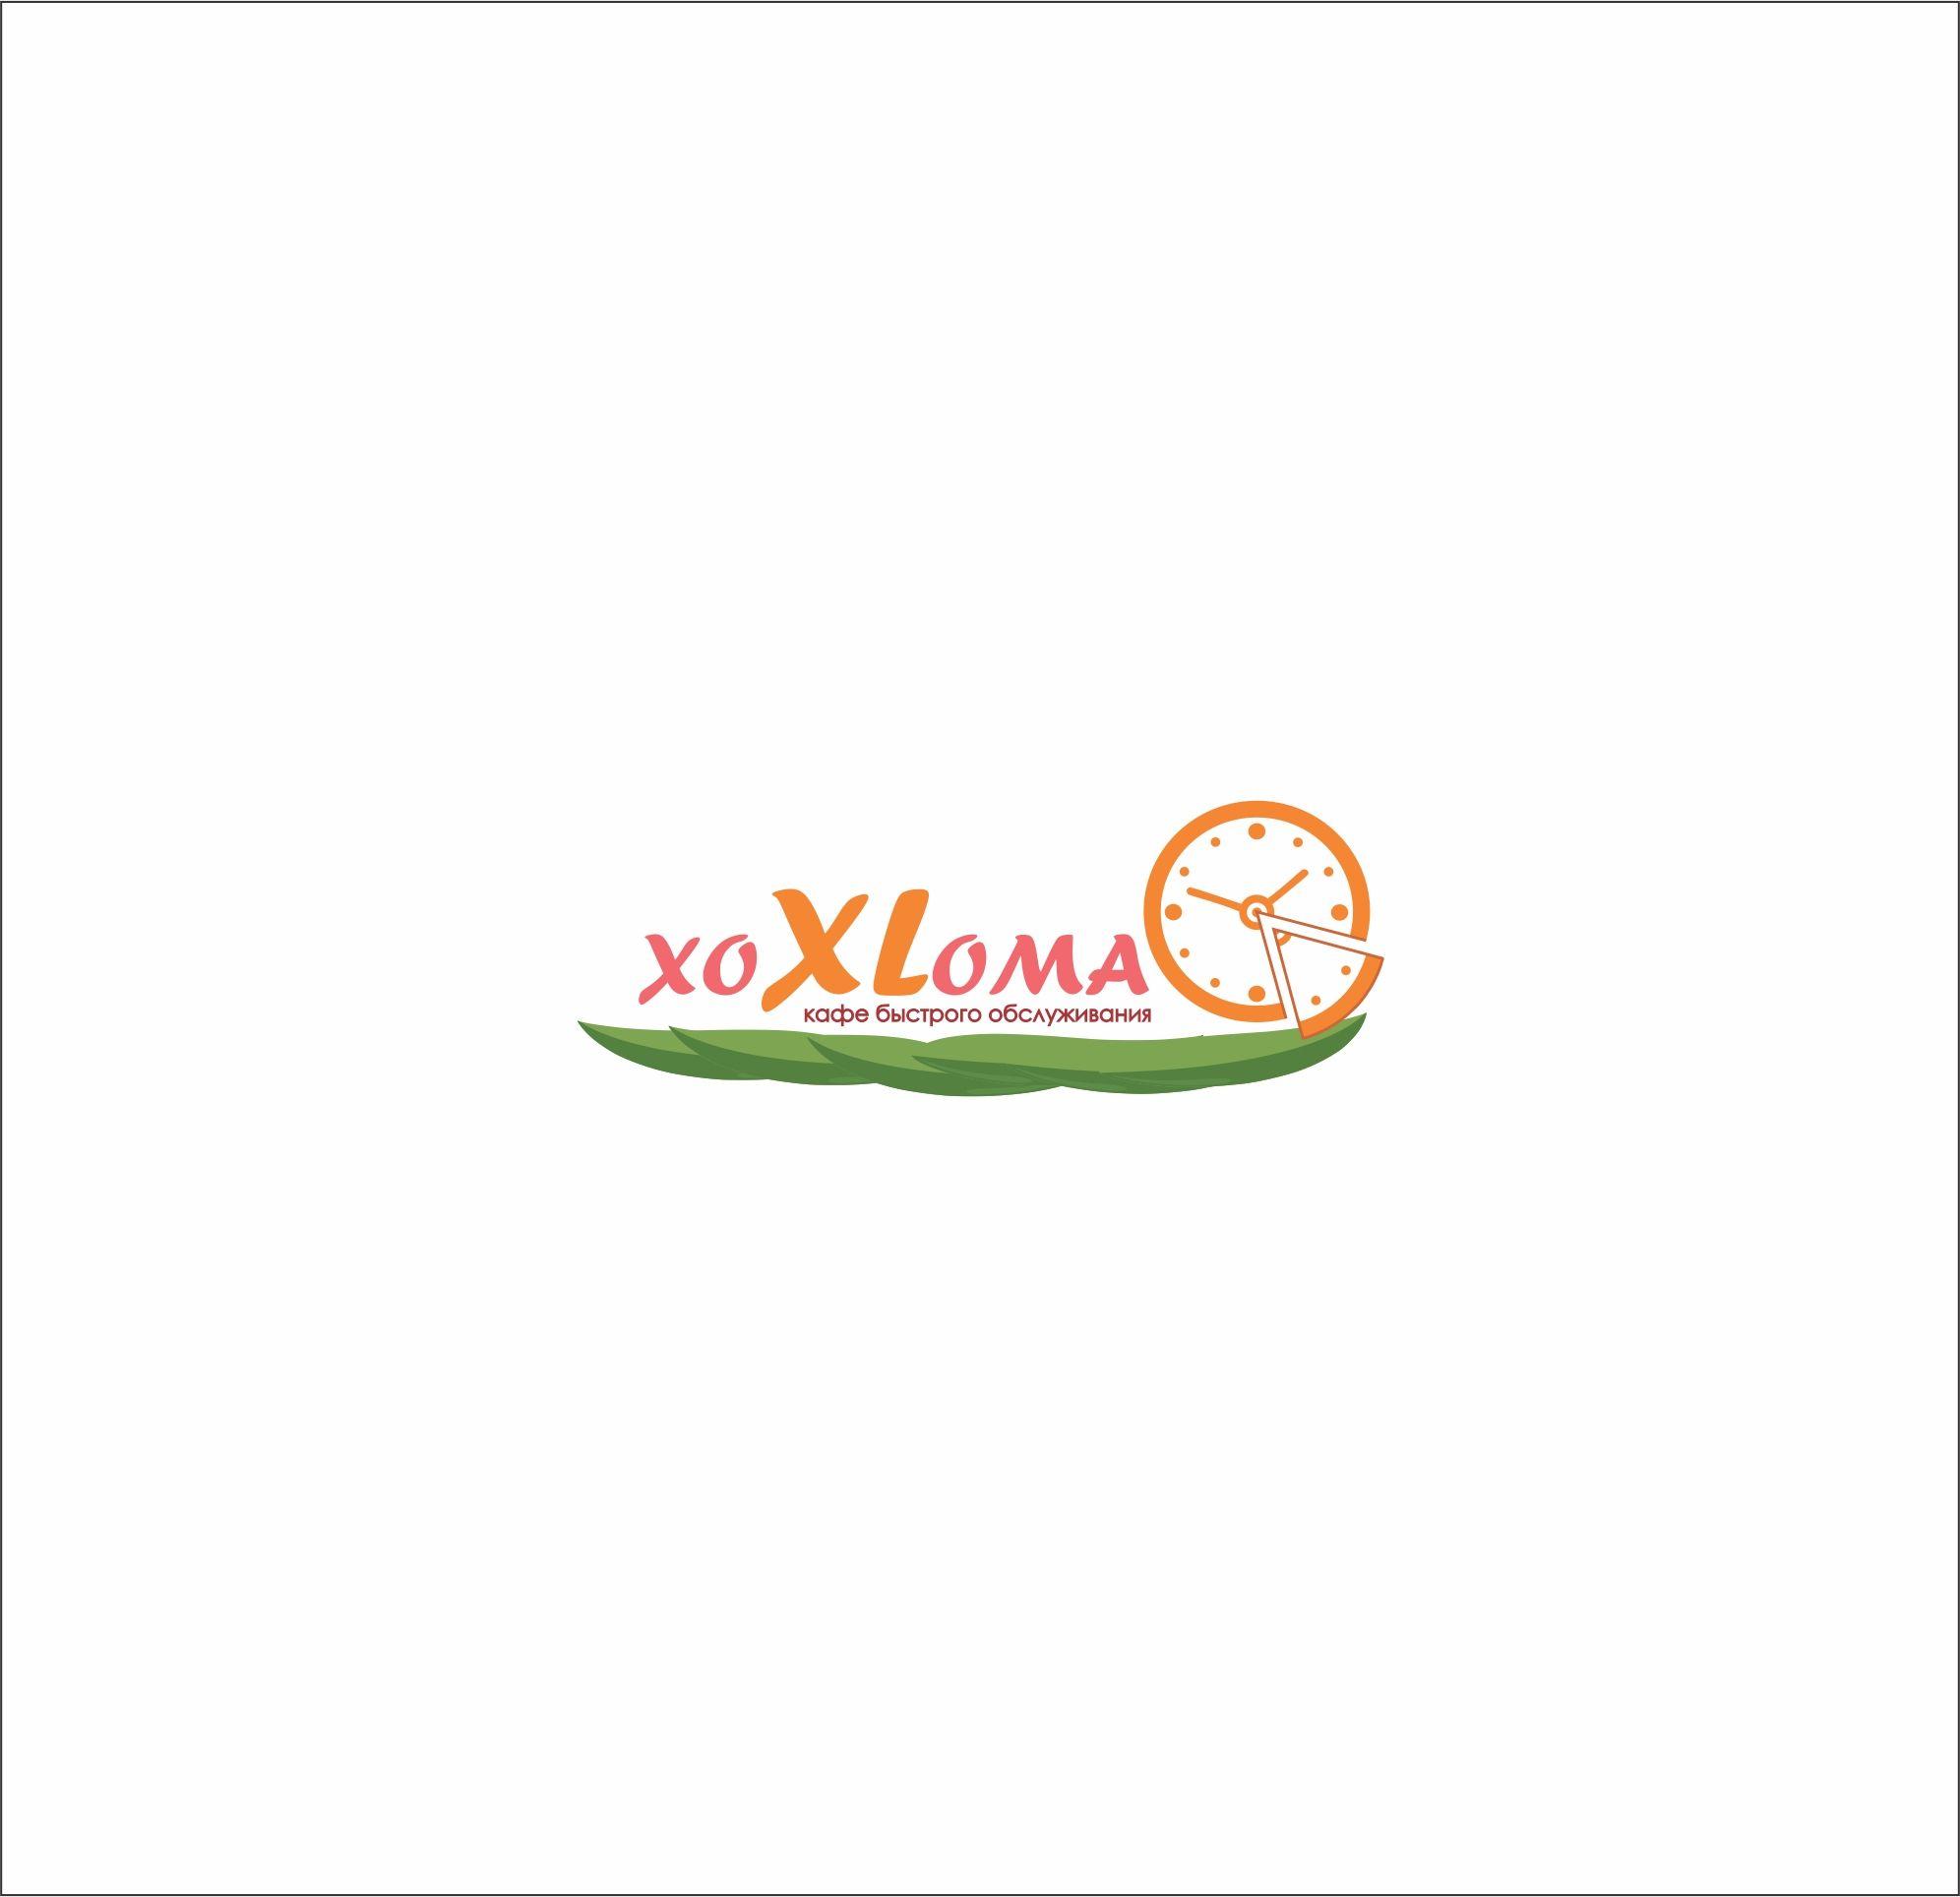 Лого для кафе быстрого обслуживания (пиццерии) - дизайнер voinickis